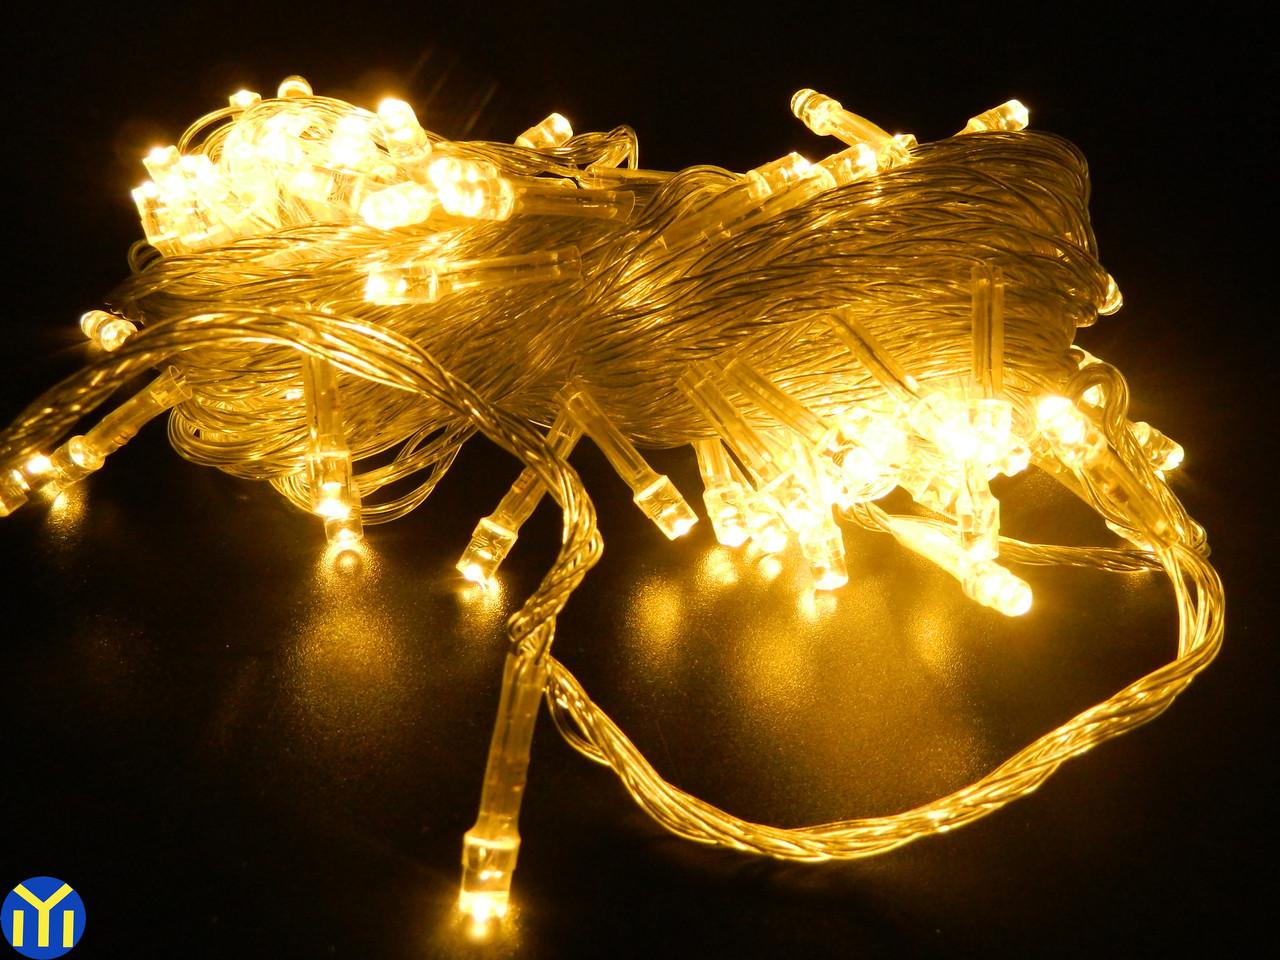 Гирлянда новогодняя нить Желтая, 200LED, 16м.